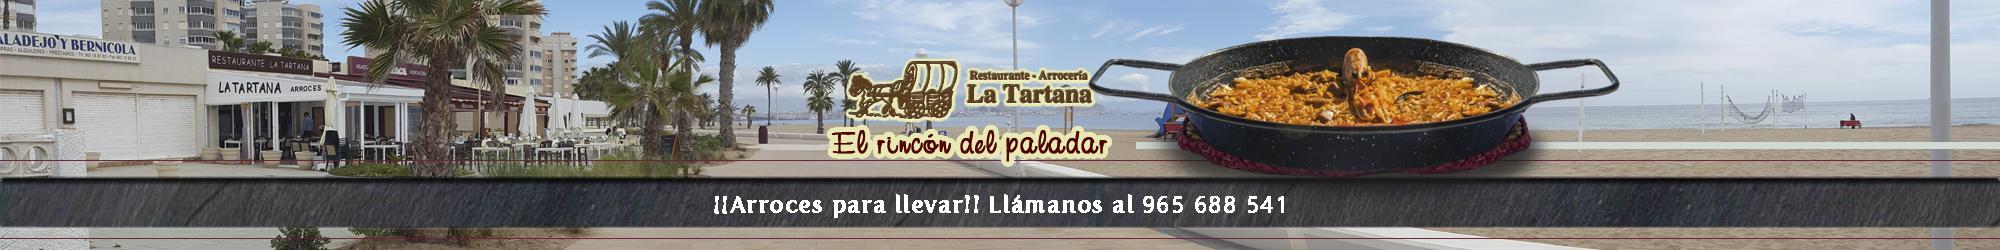 Cenar cerca aeropuerto de Alicante, Comidas en aeropuerto Alicante, arroces en urbanova